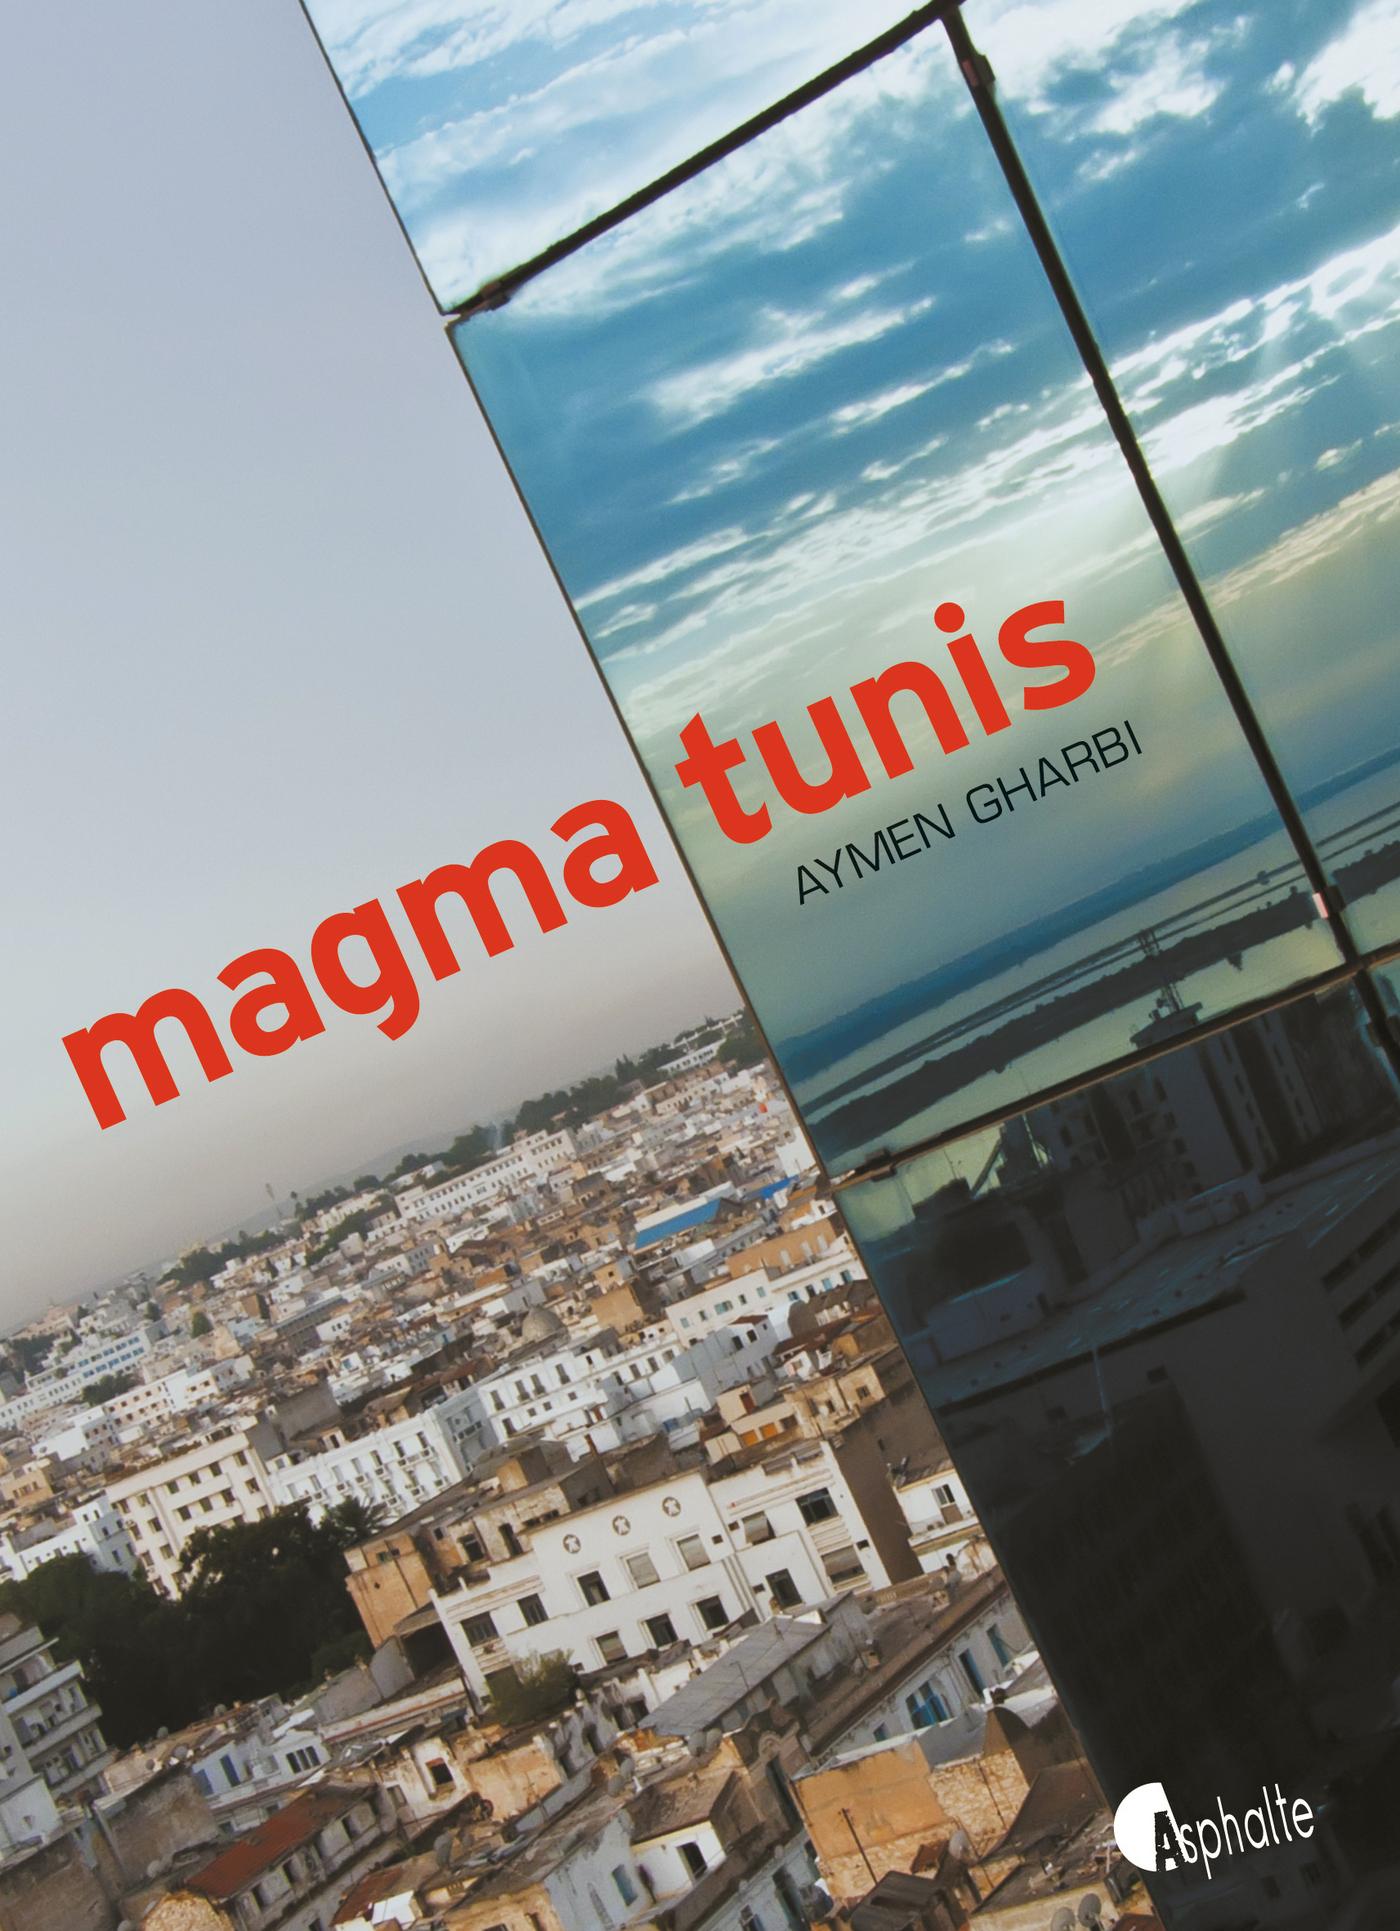 Magma Tunis